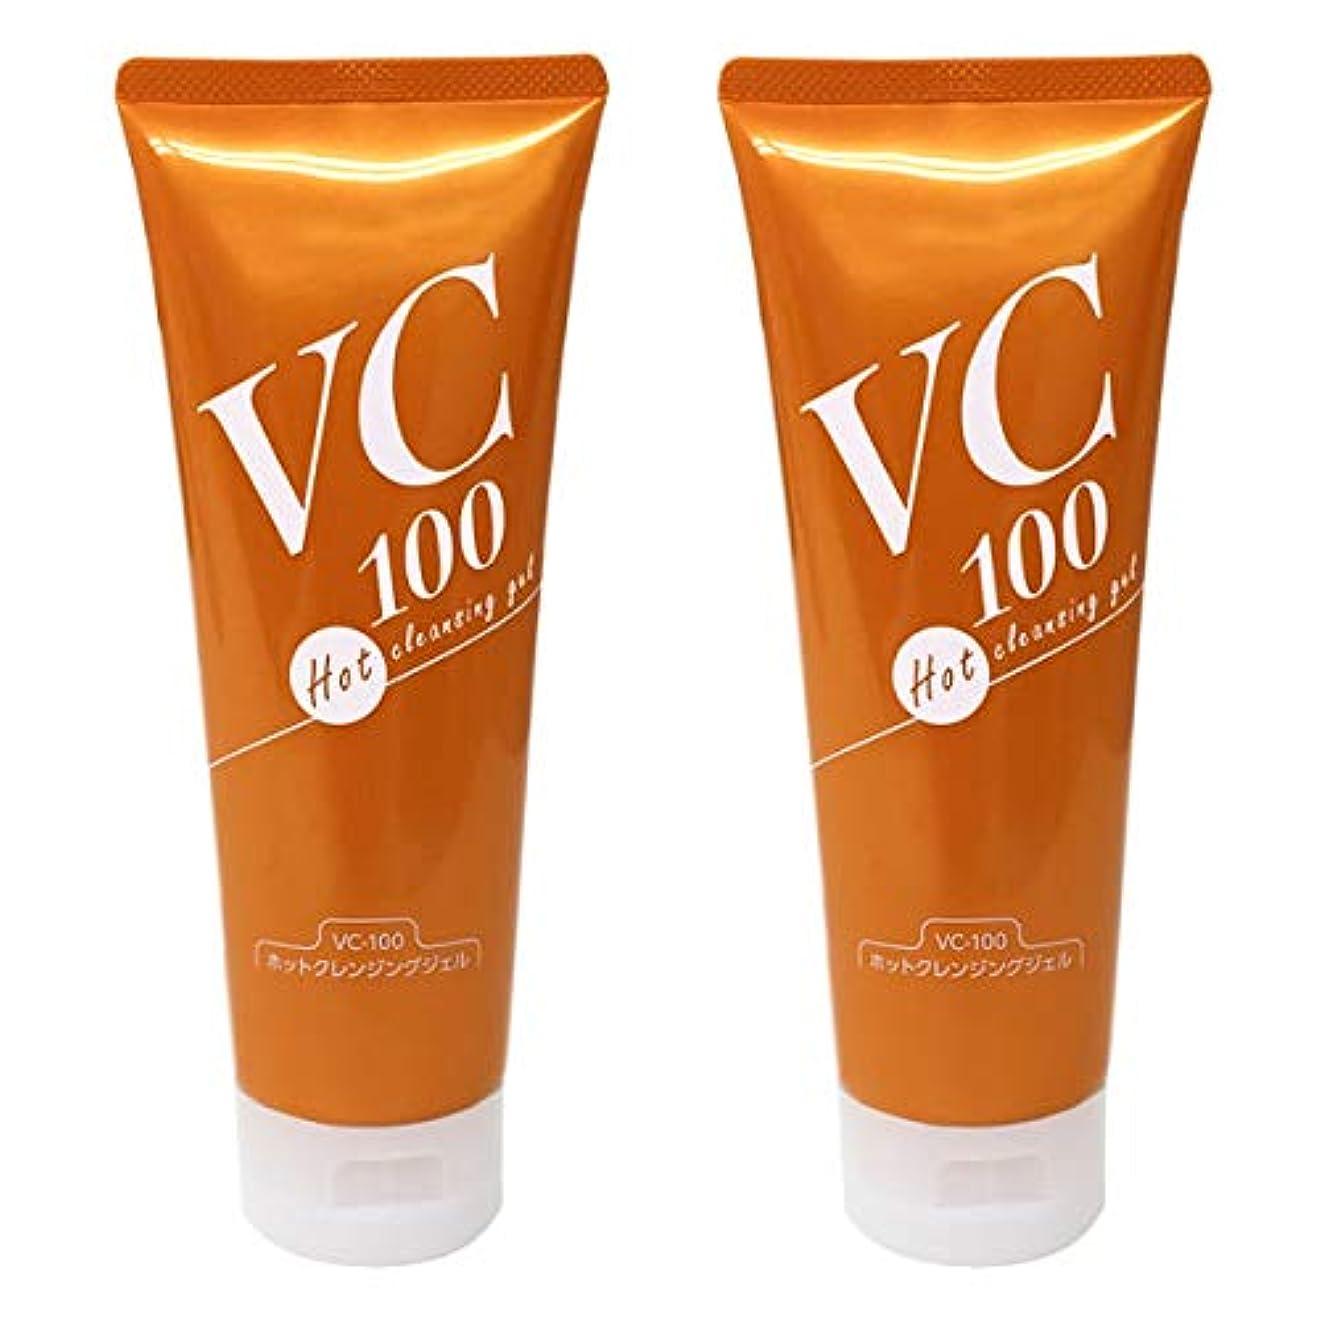 子供達にはまってラショナルVC-100ホットクレンジングジェル200g 高浸透型ビタミンC誘導体配合温感クレンジングジェル (2本セット)